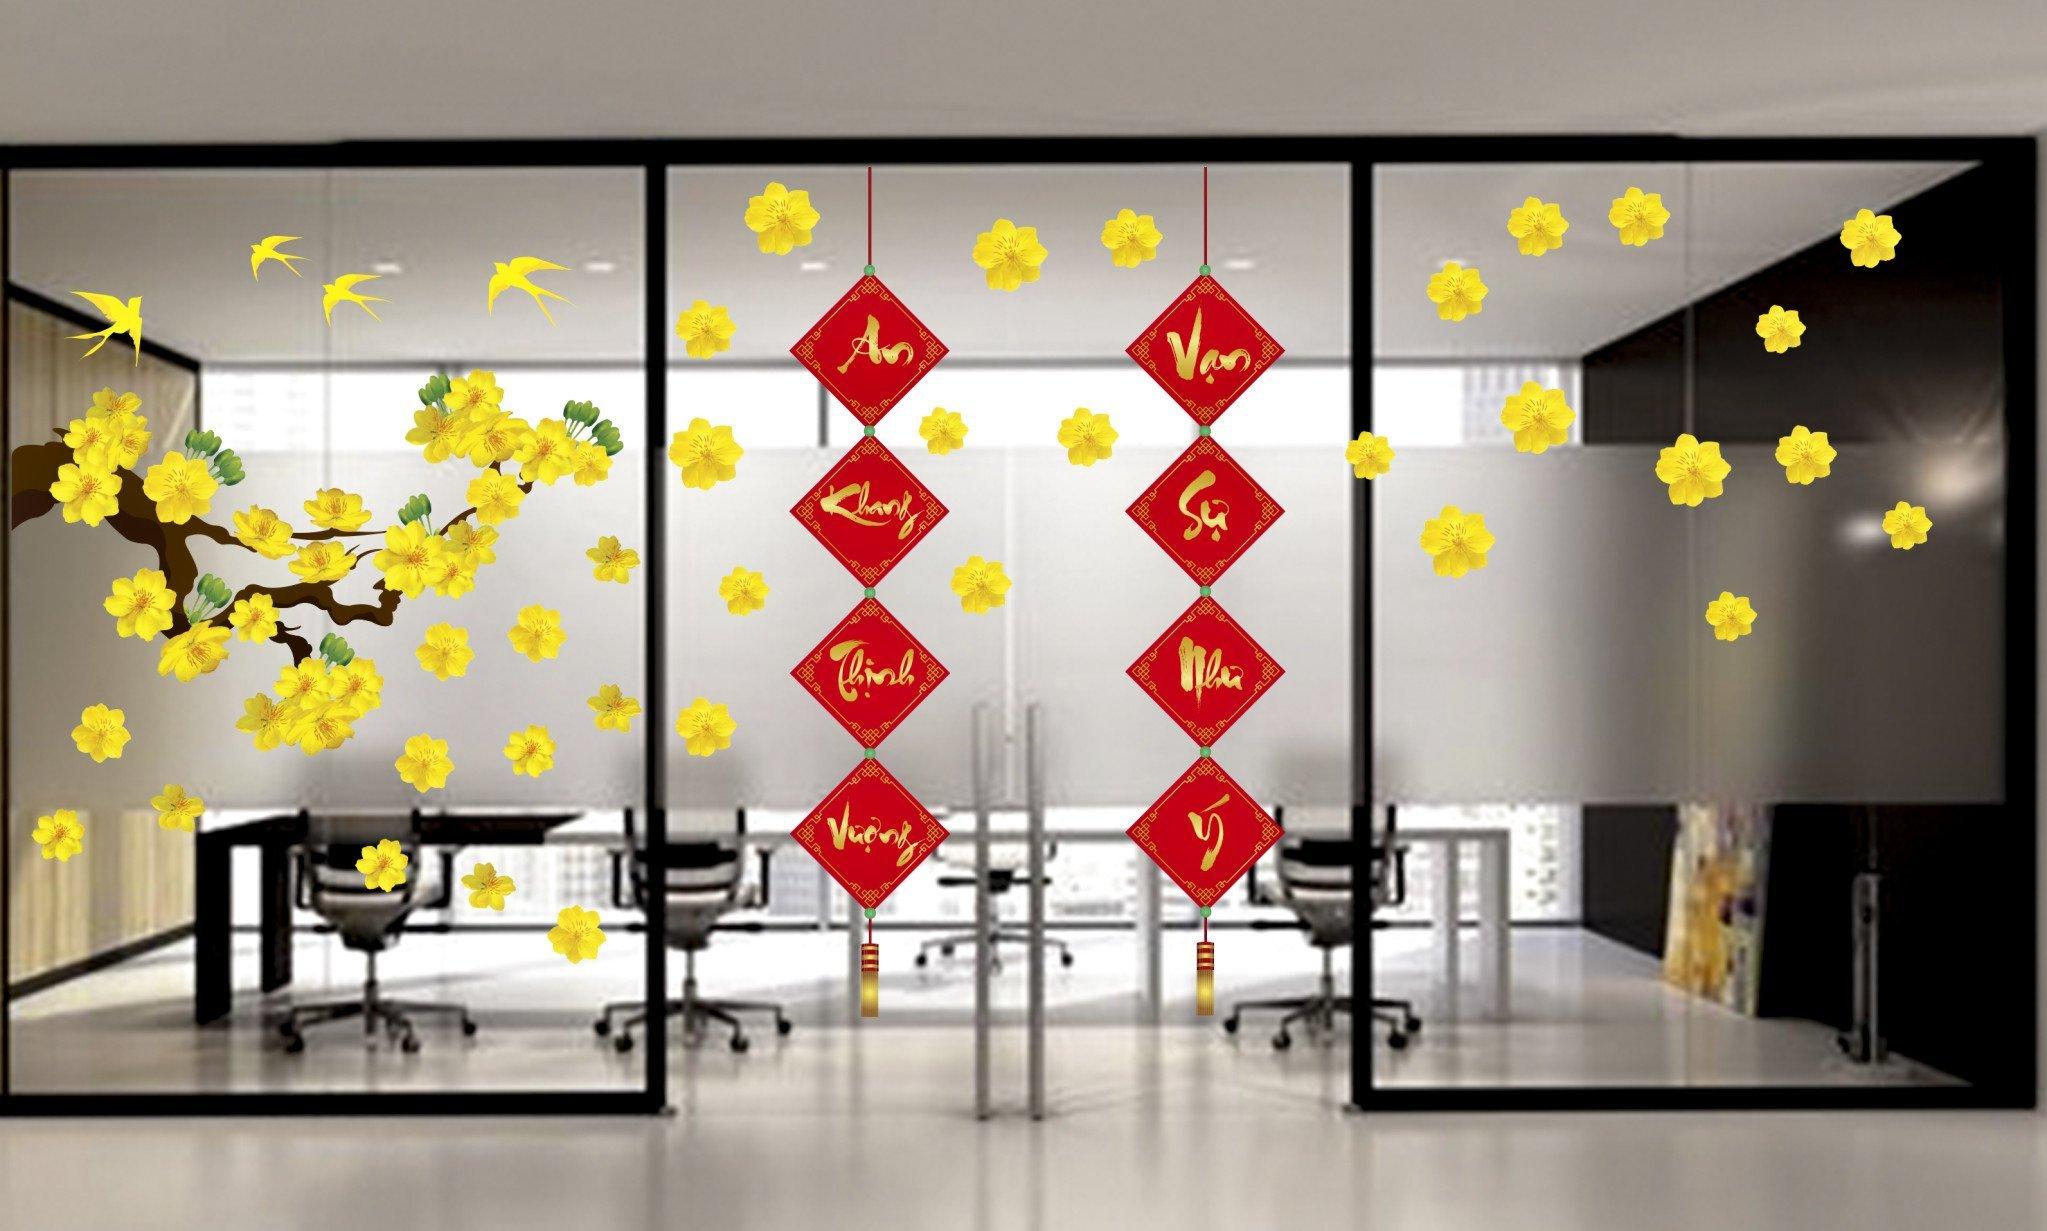 Ý tưởng trang trí cửa kính nhà ở ngày Tết